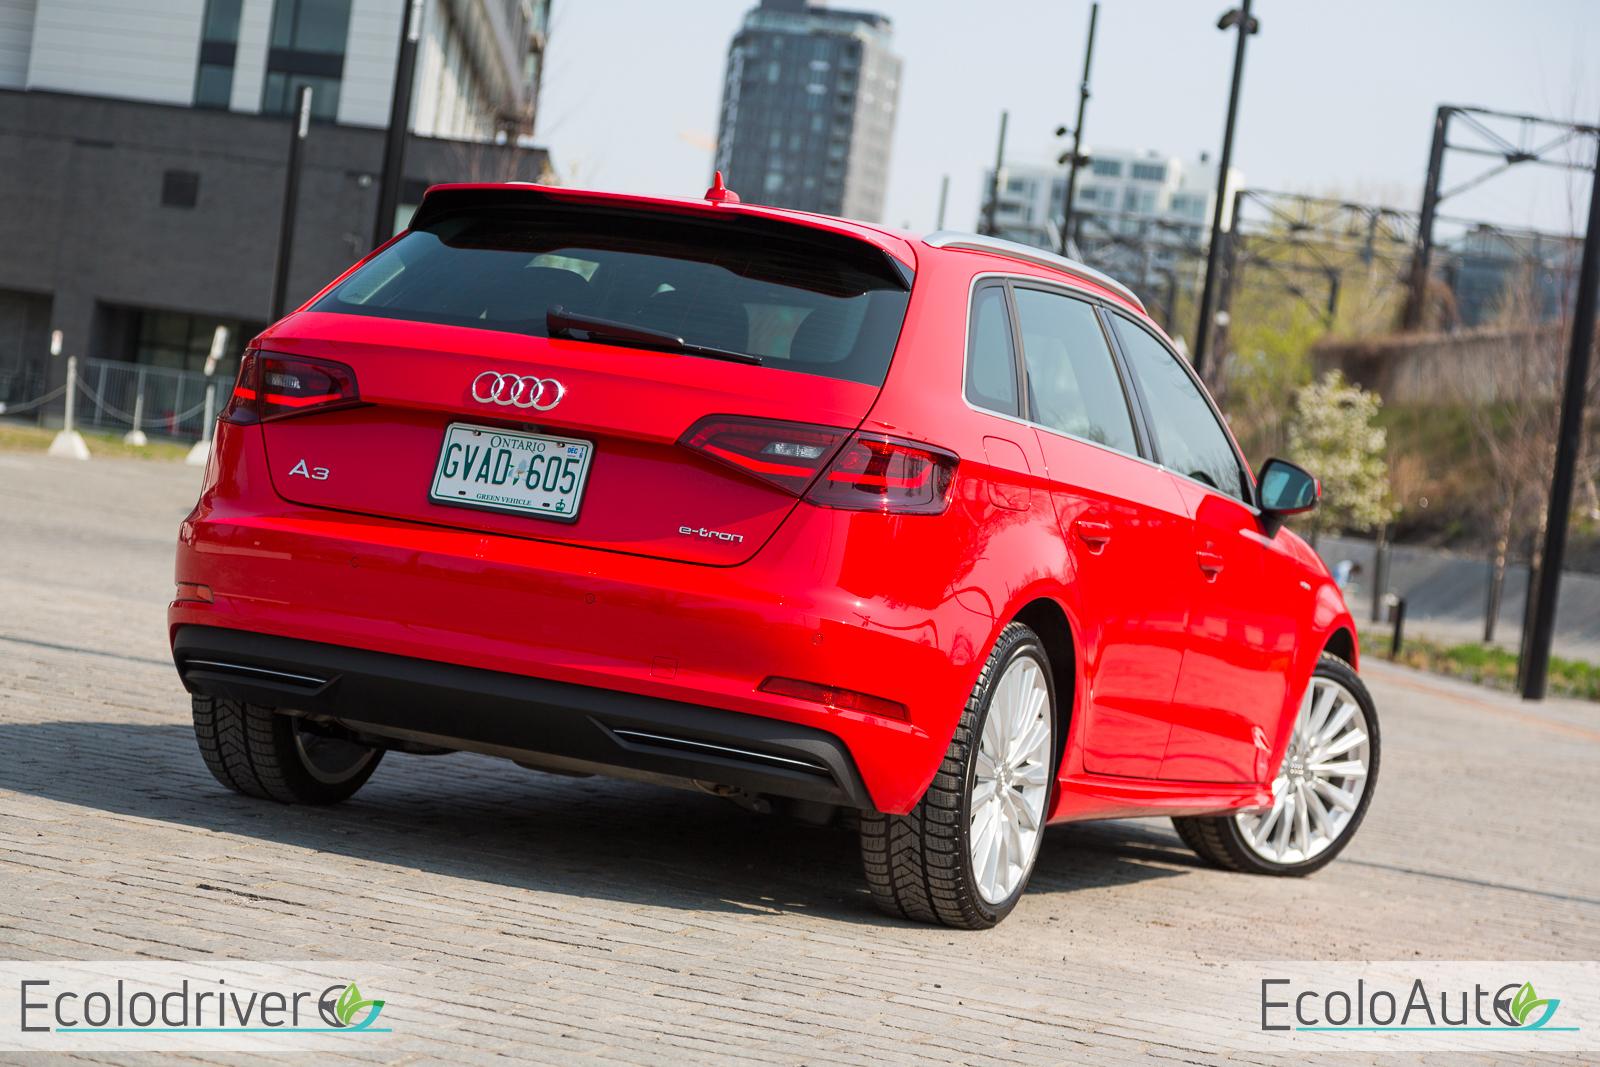 Audi_A3_e-tron_2106-10